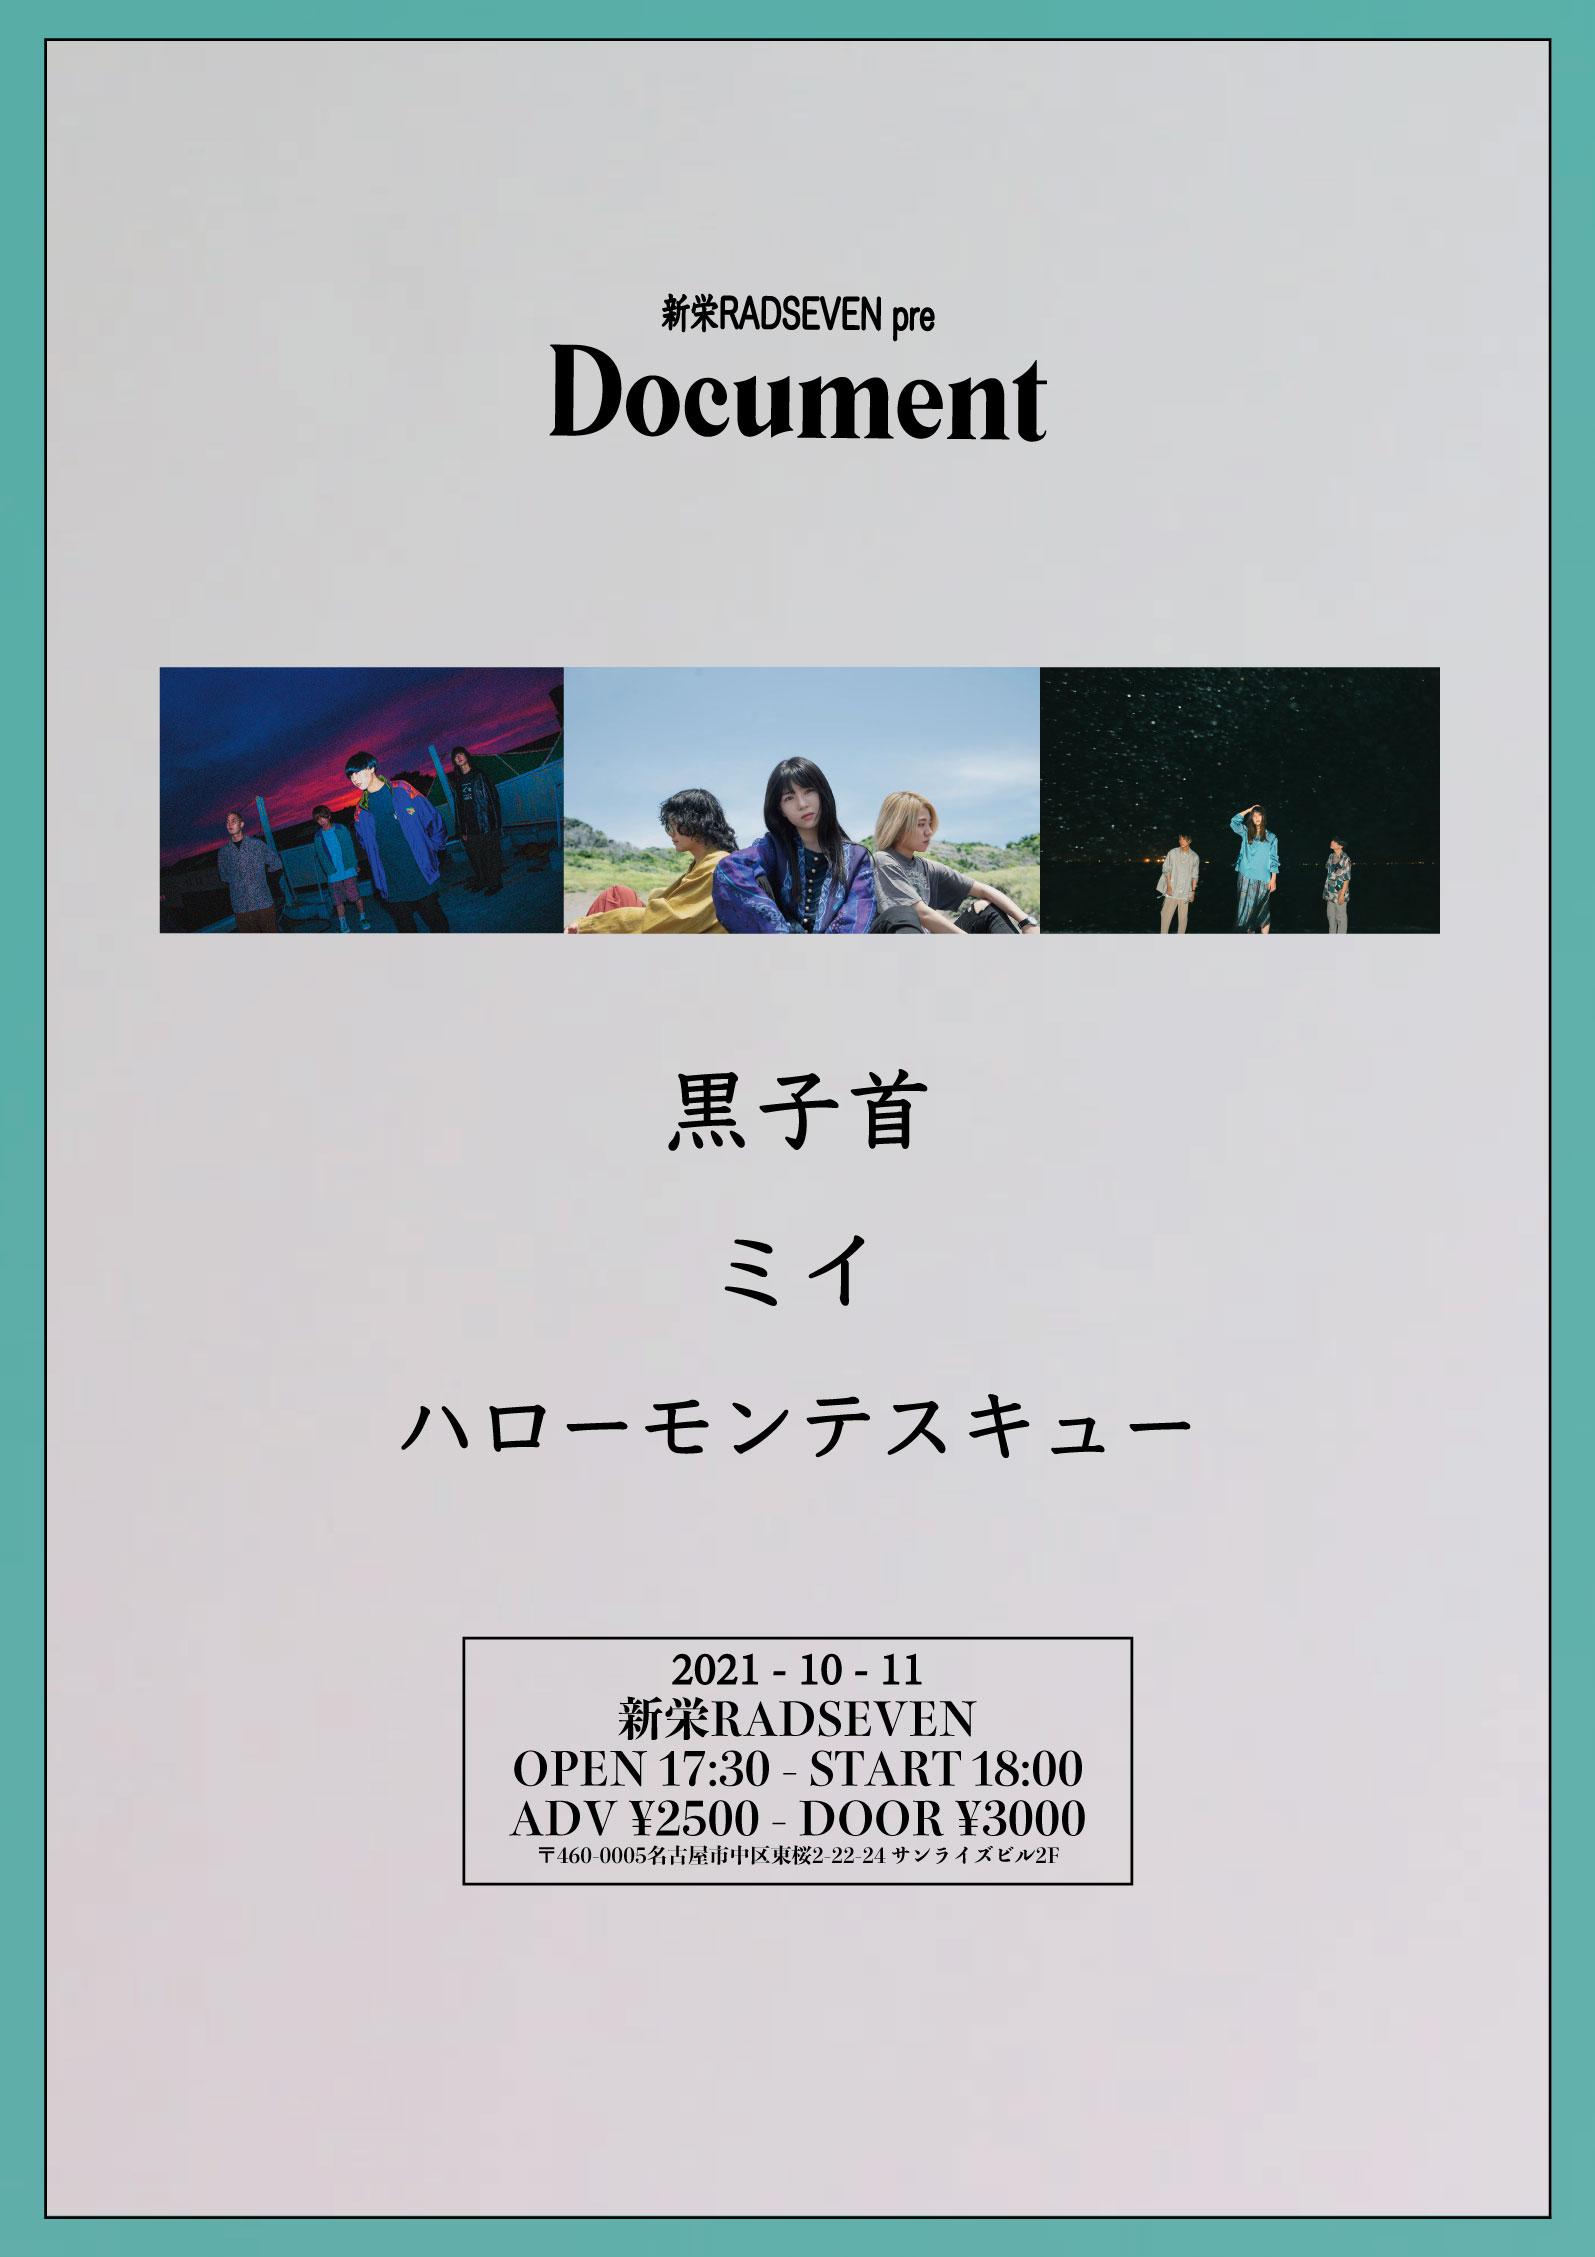 RADSEVEN pre.「Document」